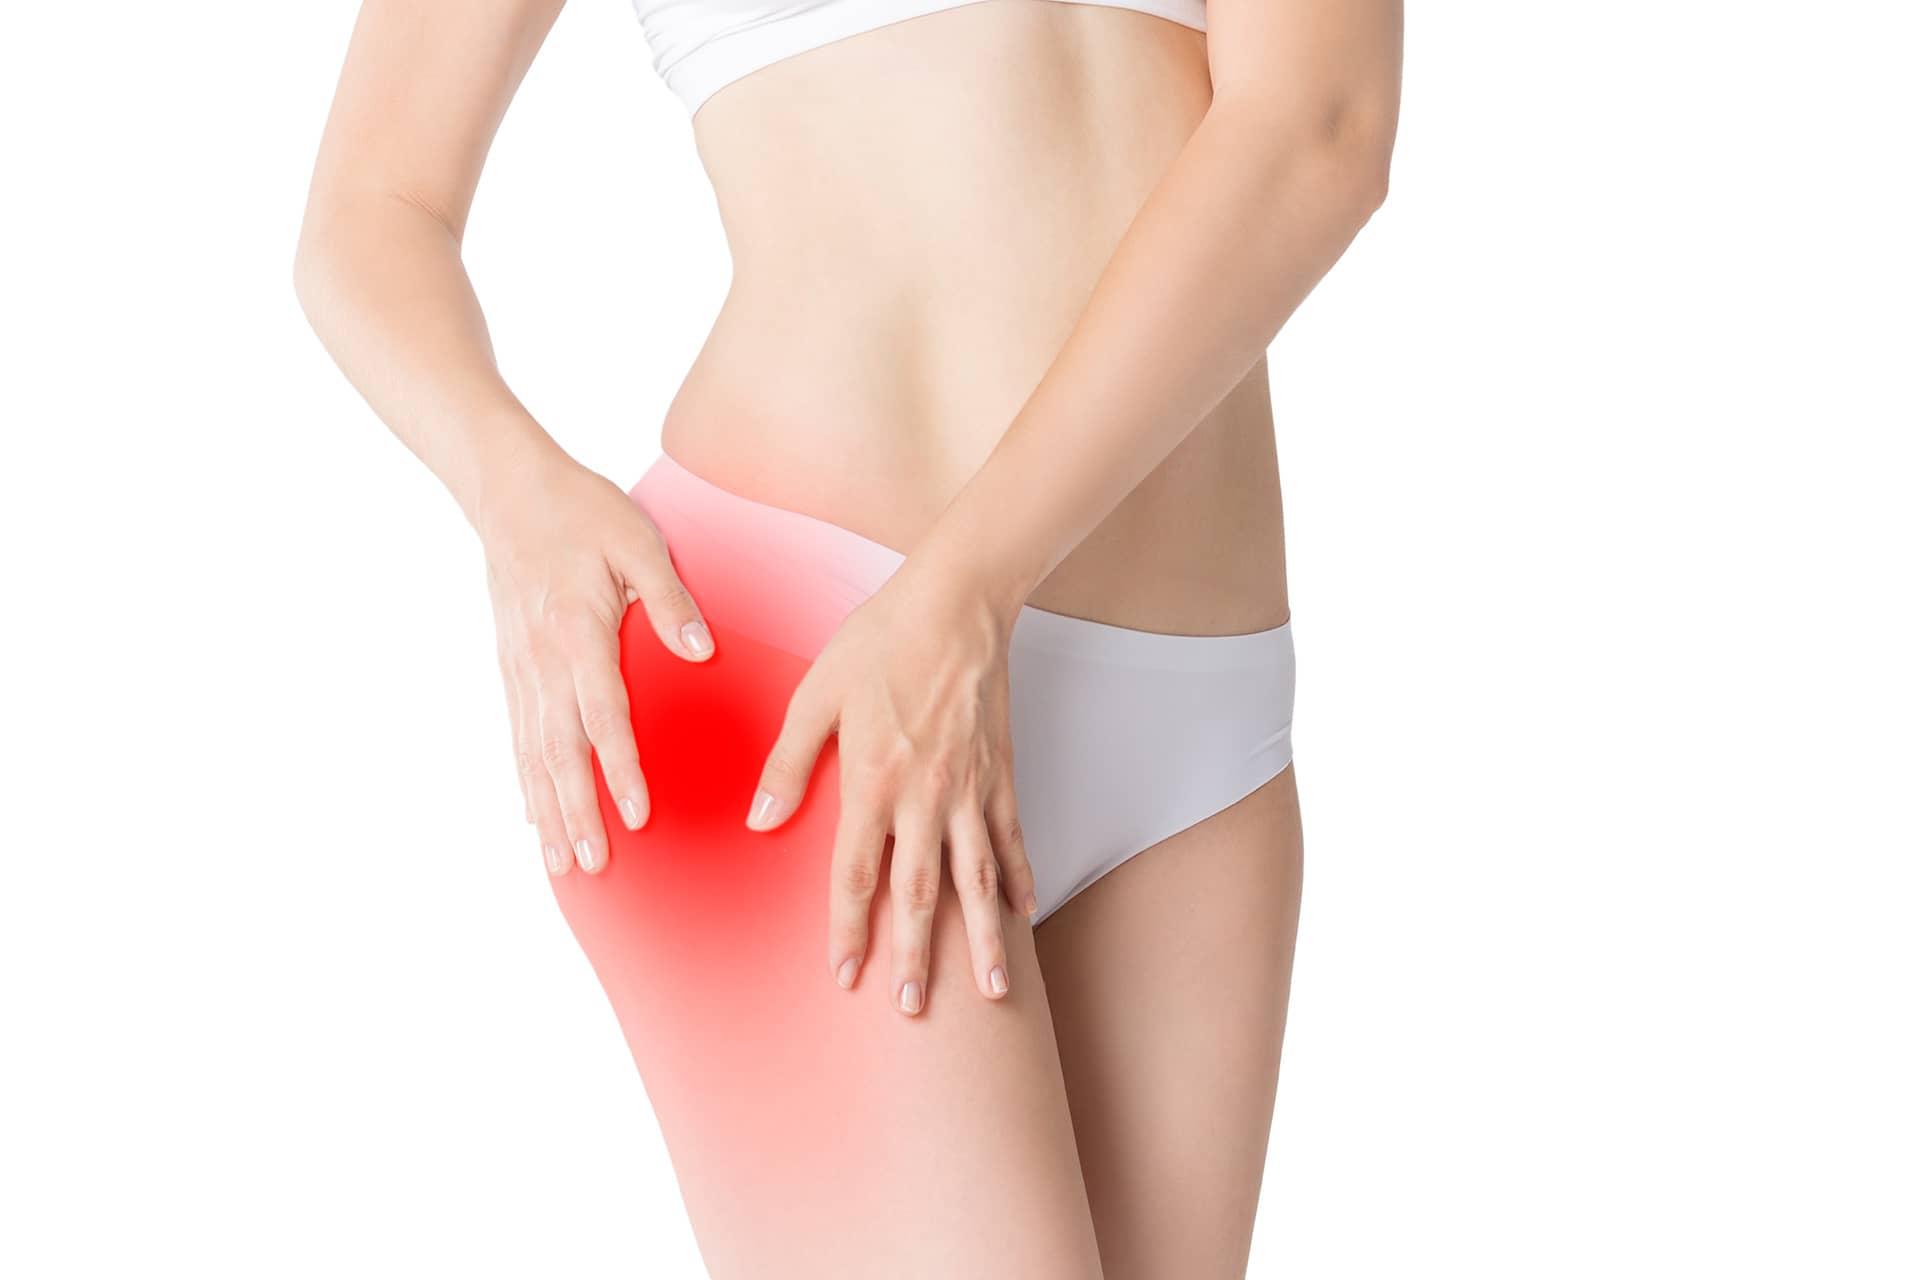 trocanteritis dolores musculares piernas